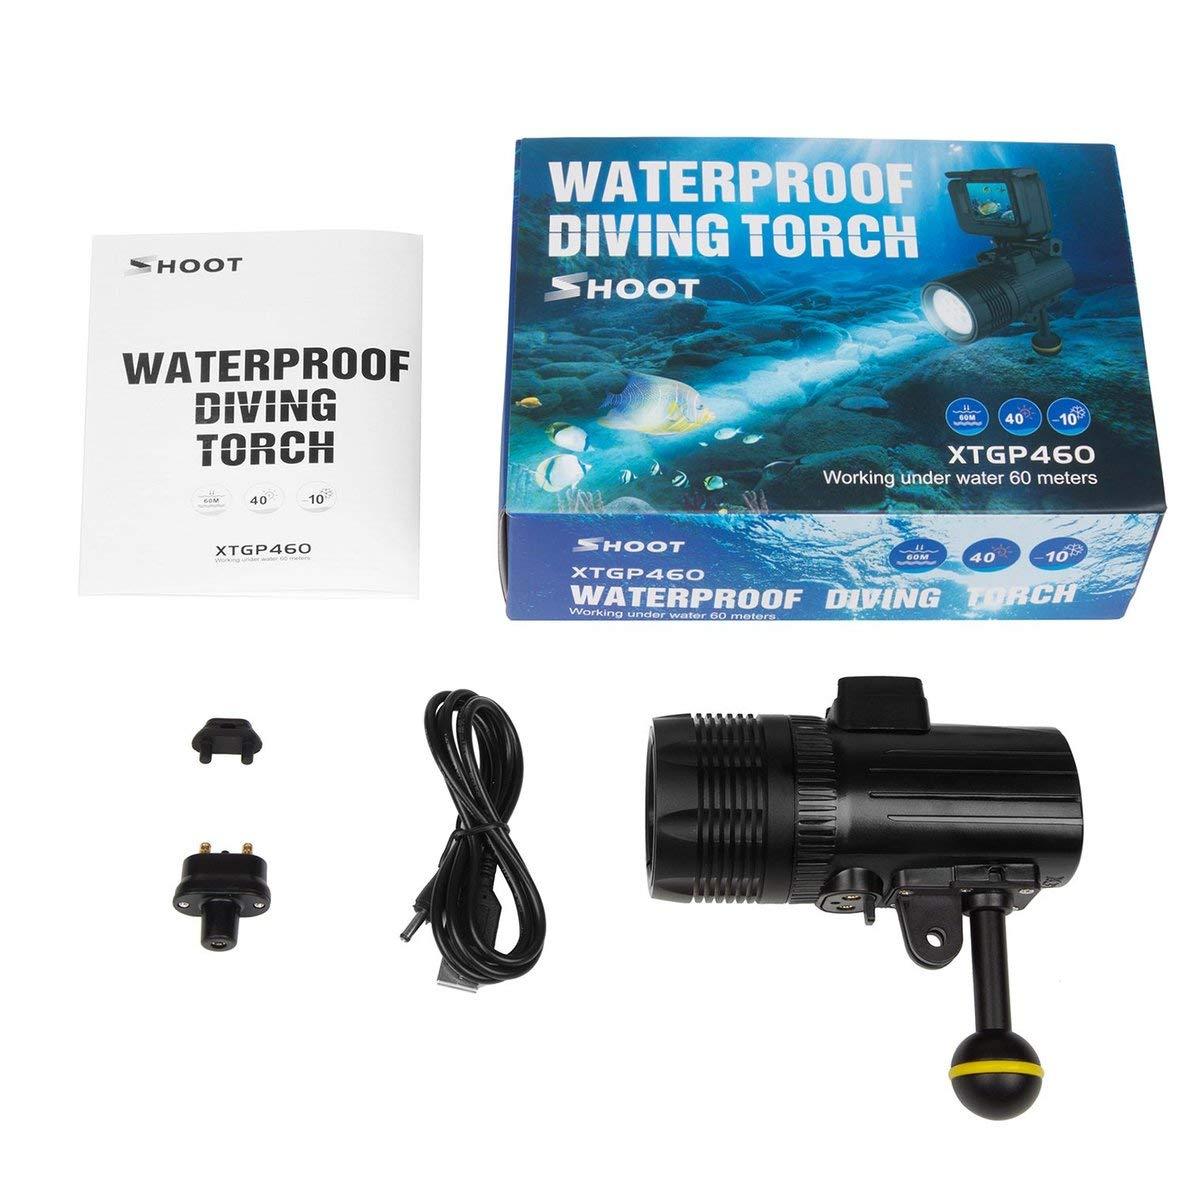 SHOOT Tauchen LED Taschenlampe Unterwasser 60 mt Wasserdichte Fotografie Video Licht Taktische Taschenlampe 1500 Lumen LED Taschenlampe